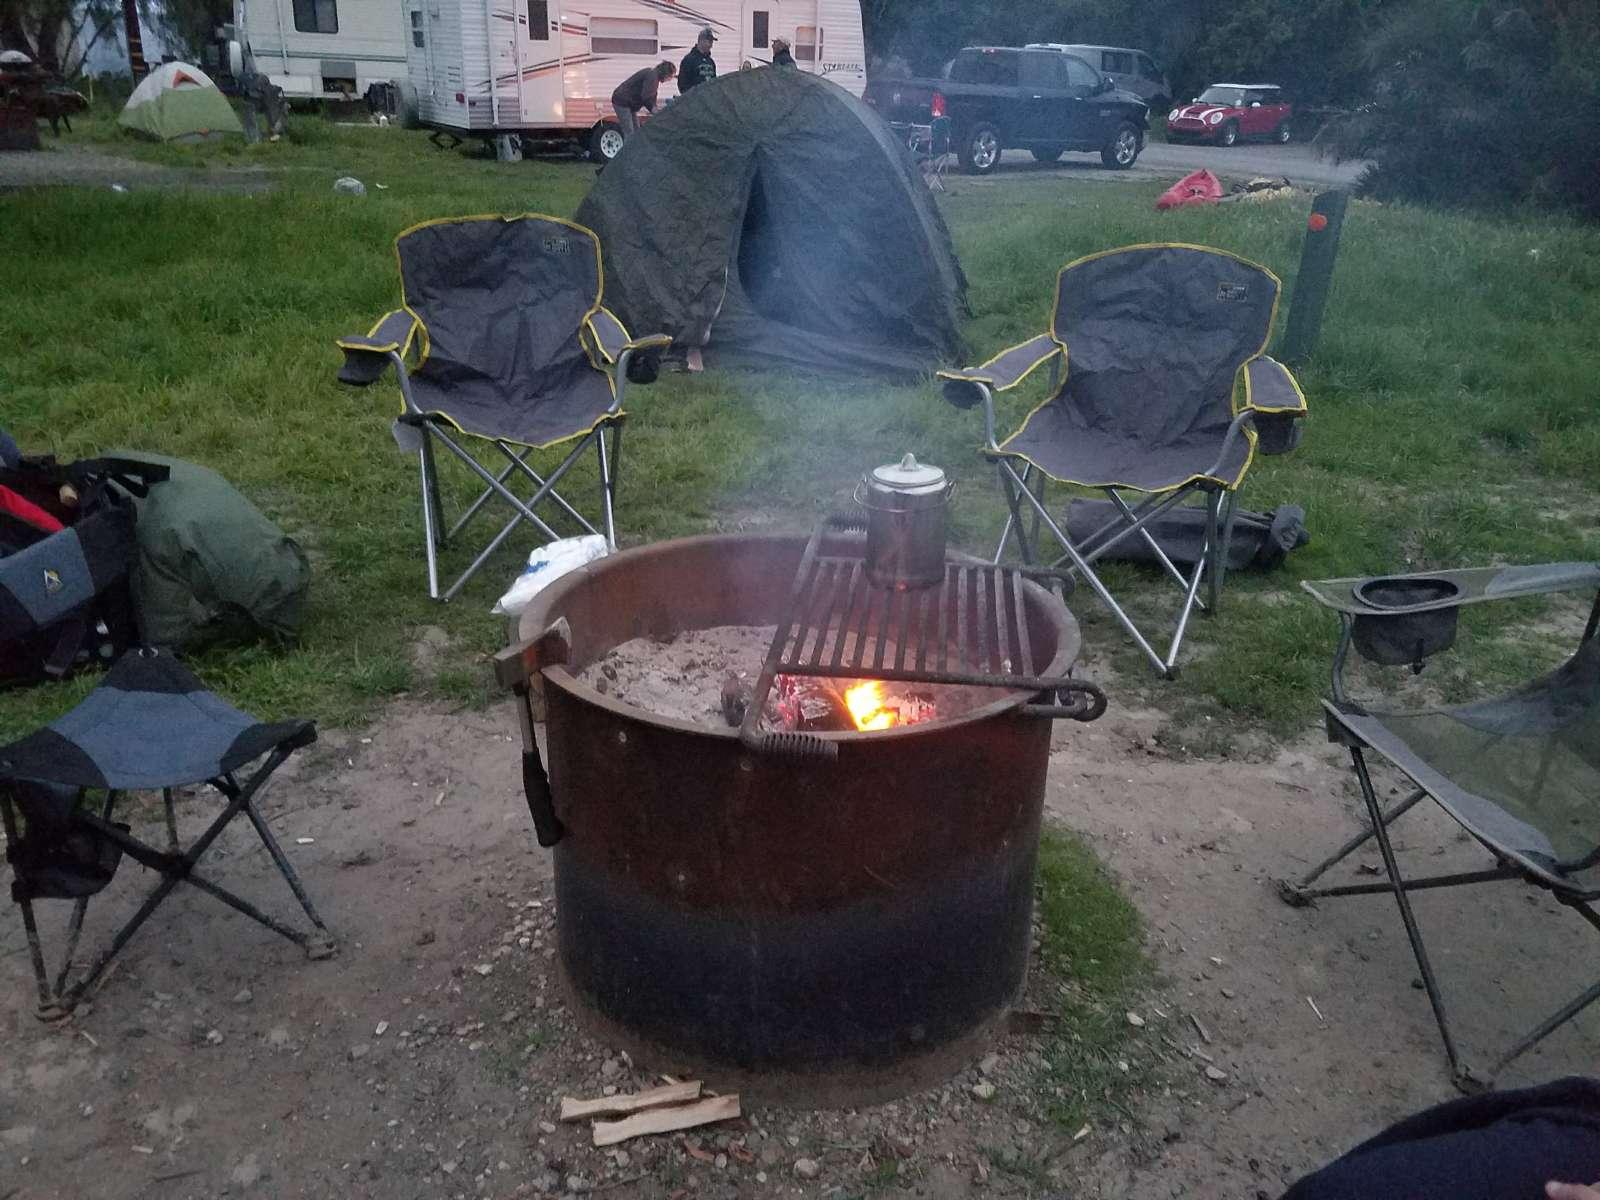 Refugio campground refugio ca 4 hipcamper reviews and - Refugios y parasoles camping ...